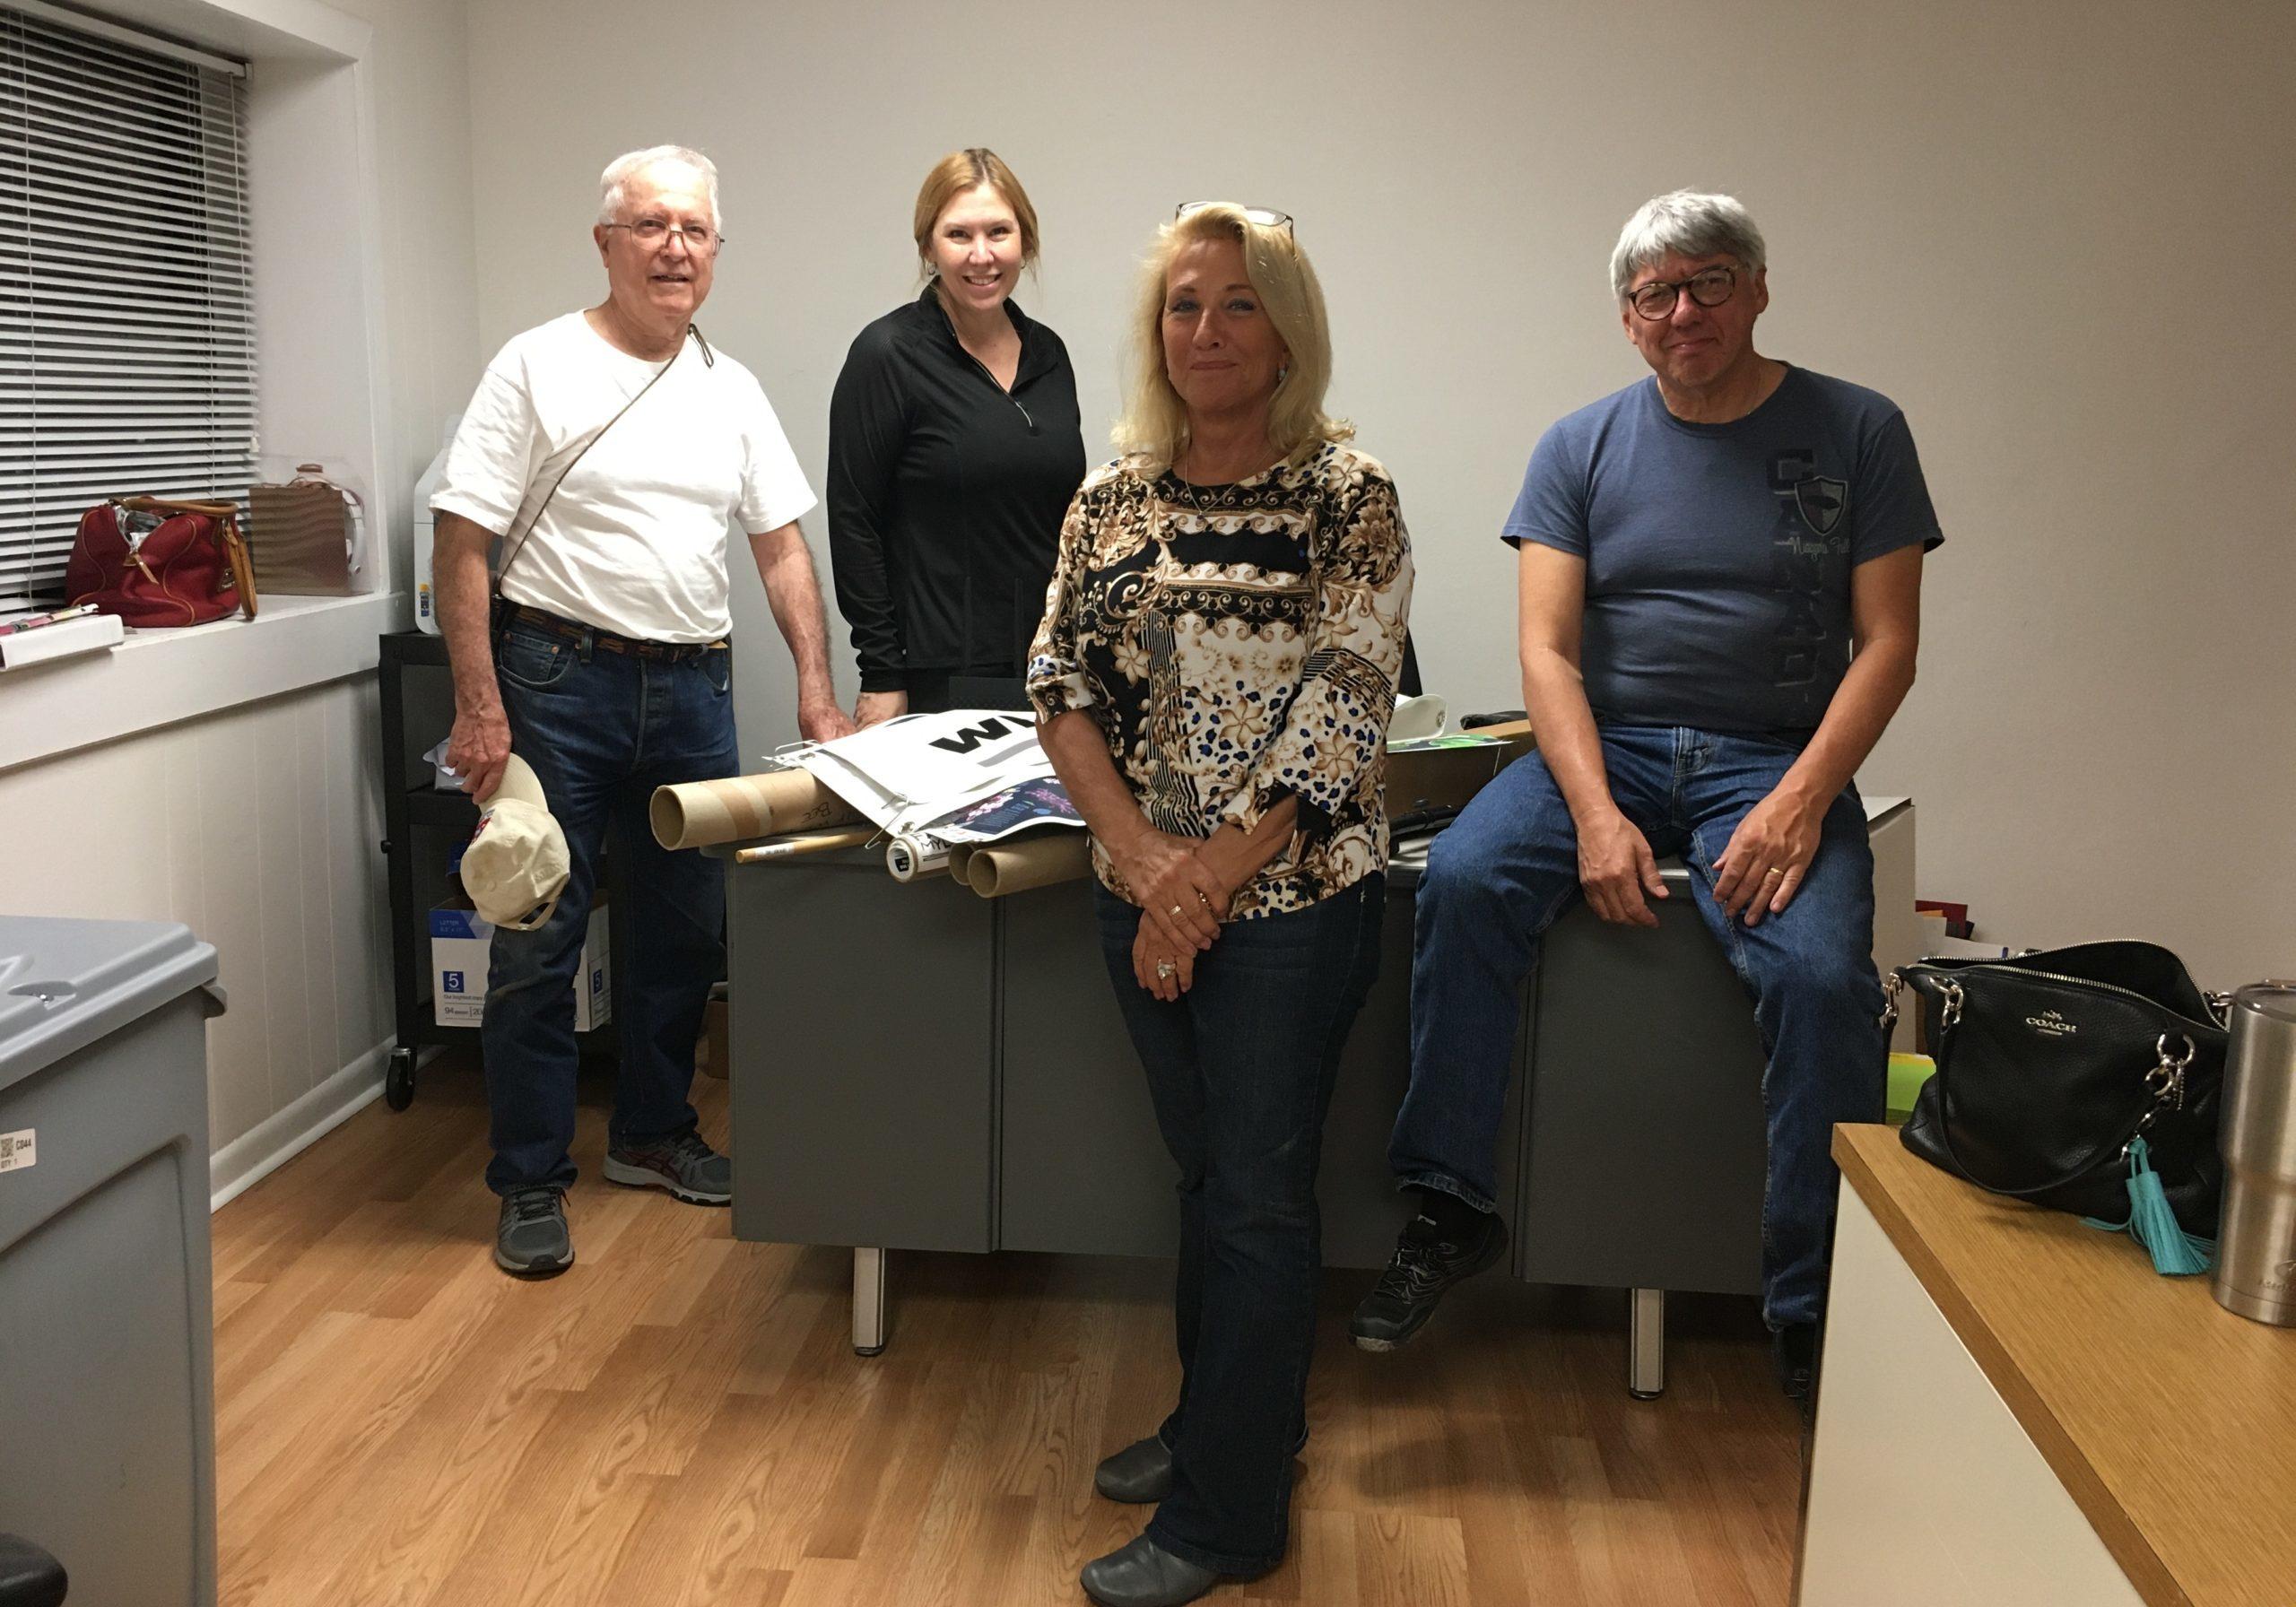 NPHF in office volunteers Spence Guerin Ann Sims Alise Edison Jeff Dalton